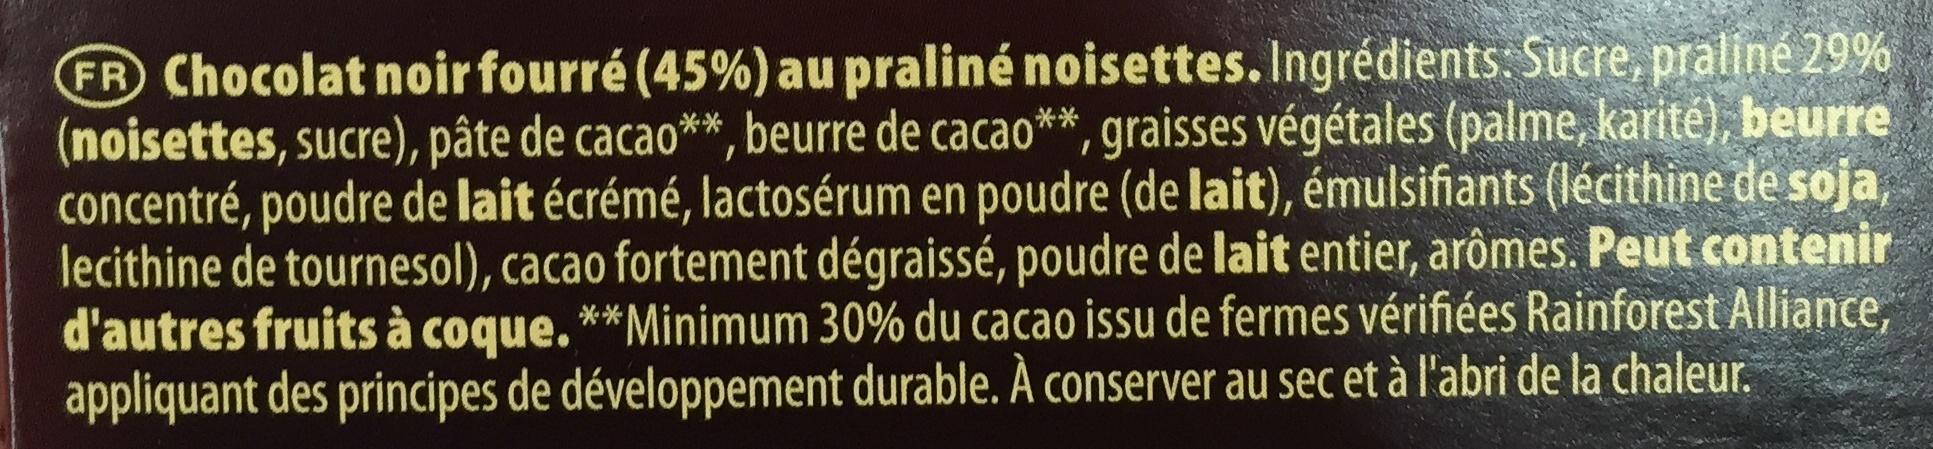 Praliné Fondant Noir - Ingrédients - fr